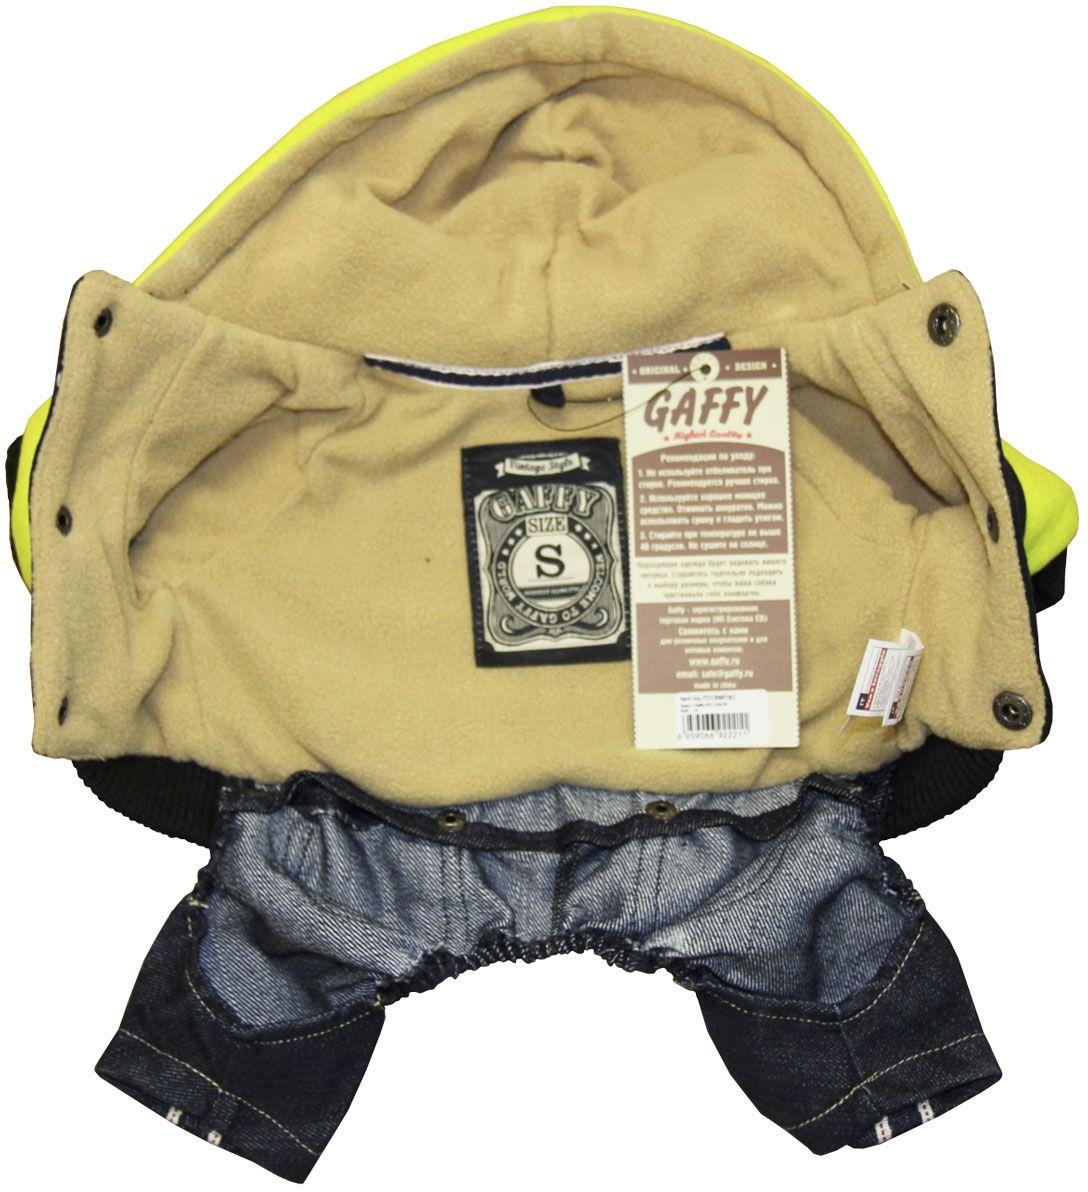 Костюм для собак Gaffy Pet Vintage Store. Размер L11003 LАктуальное сочетание цветов и фактур. Стильный рисунок в винтажном стиле.Толстовка двух цветов дополнена синимии джинсами с вельветовыми карманами.Тщательно продуманный дизайн. Цельный костюм состоит из 2х частей: темно-синие джинсы, толстовка черная с салатовыми рукавами и капюшоном.Фиксируется на животе кнопками. Материал кнопок: металл.Обхват шеи, см: 30.Обхват груди, см: 50.Длина спины, см: 34.